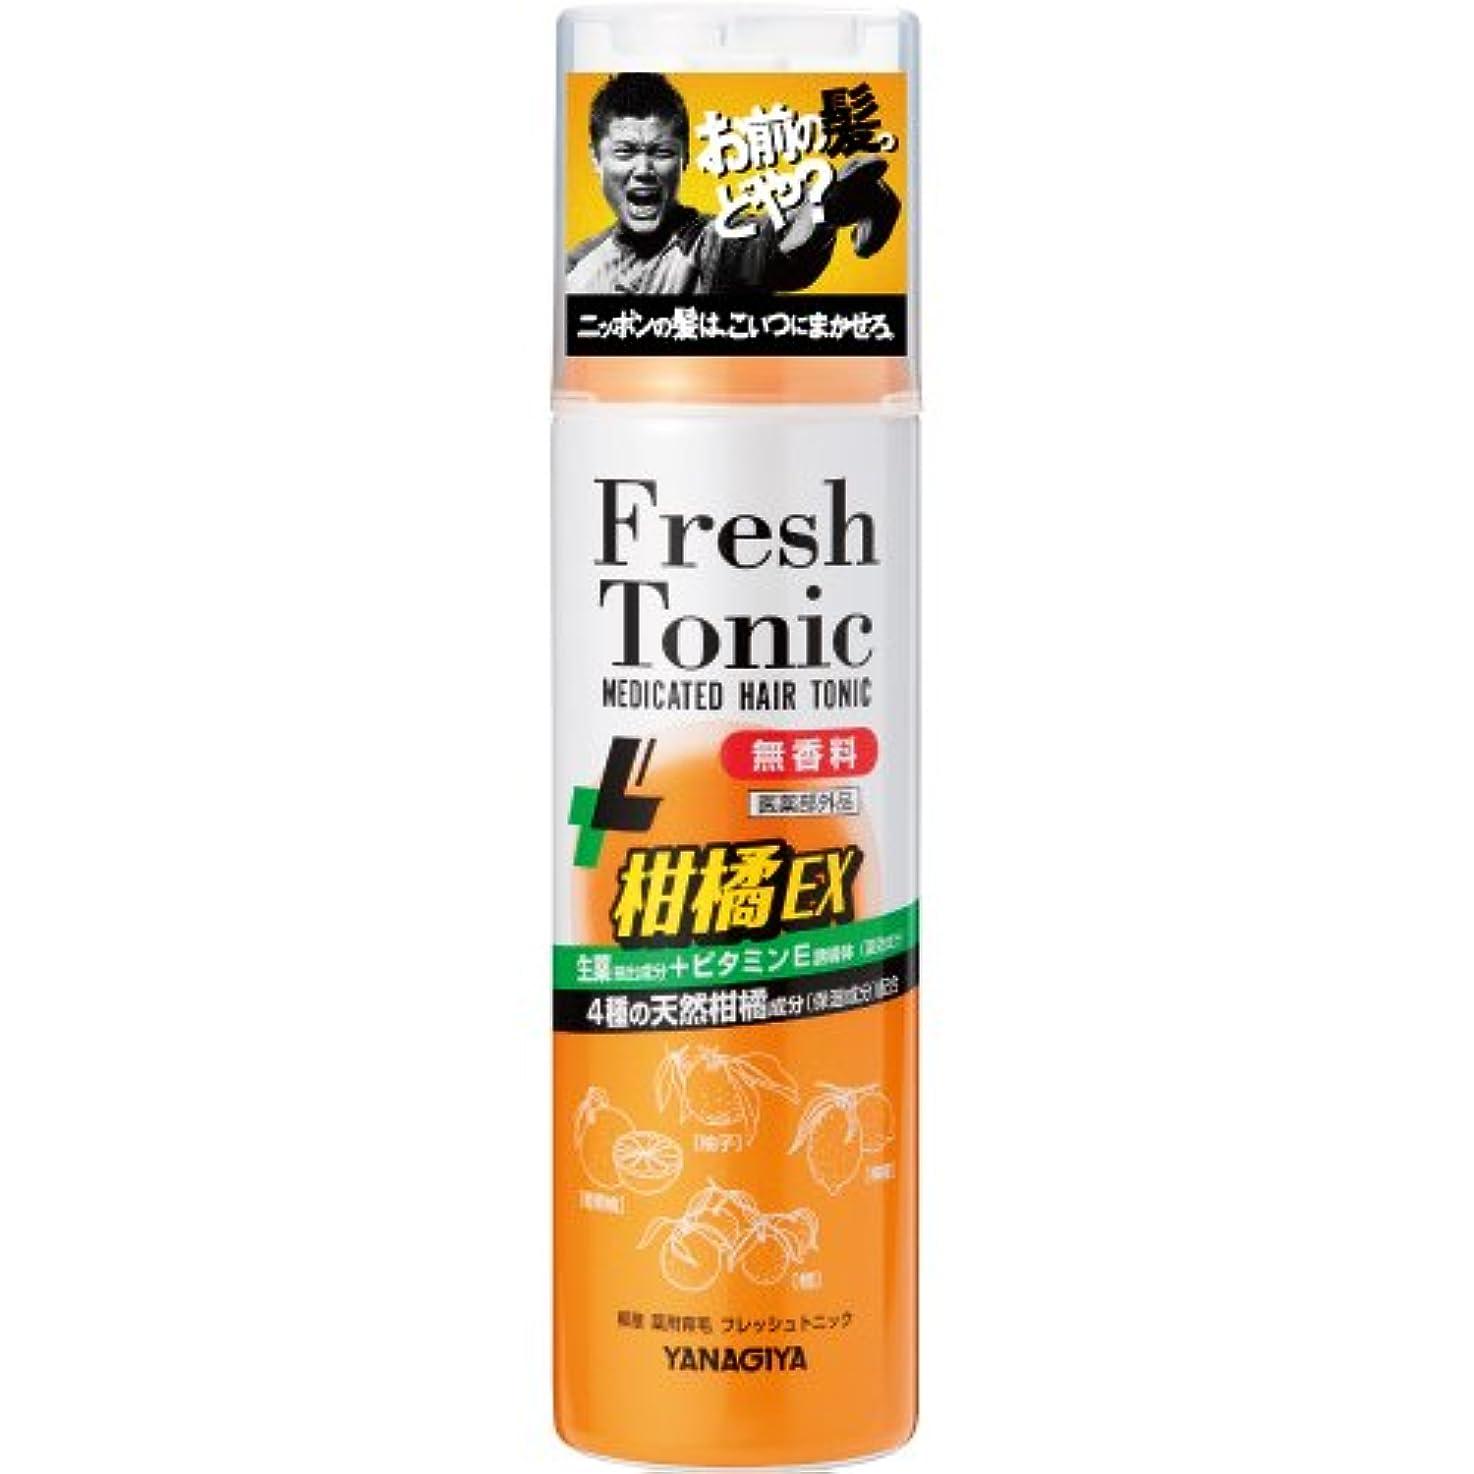 協力オフセット望む柳屋 薬用育毛 フレッシュトニック 柑橘EX <無香料> 190g